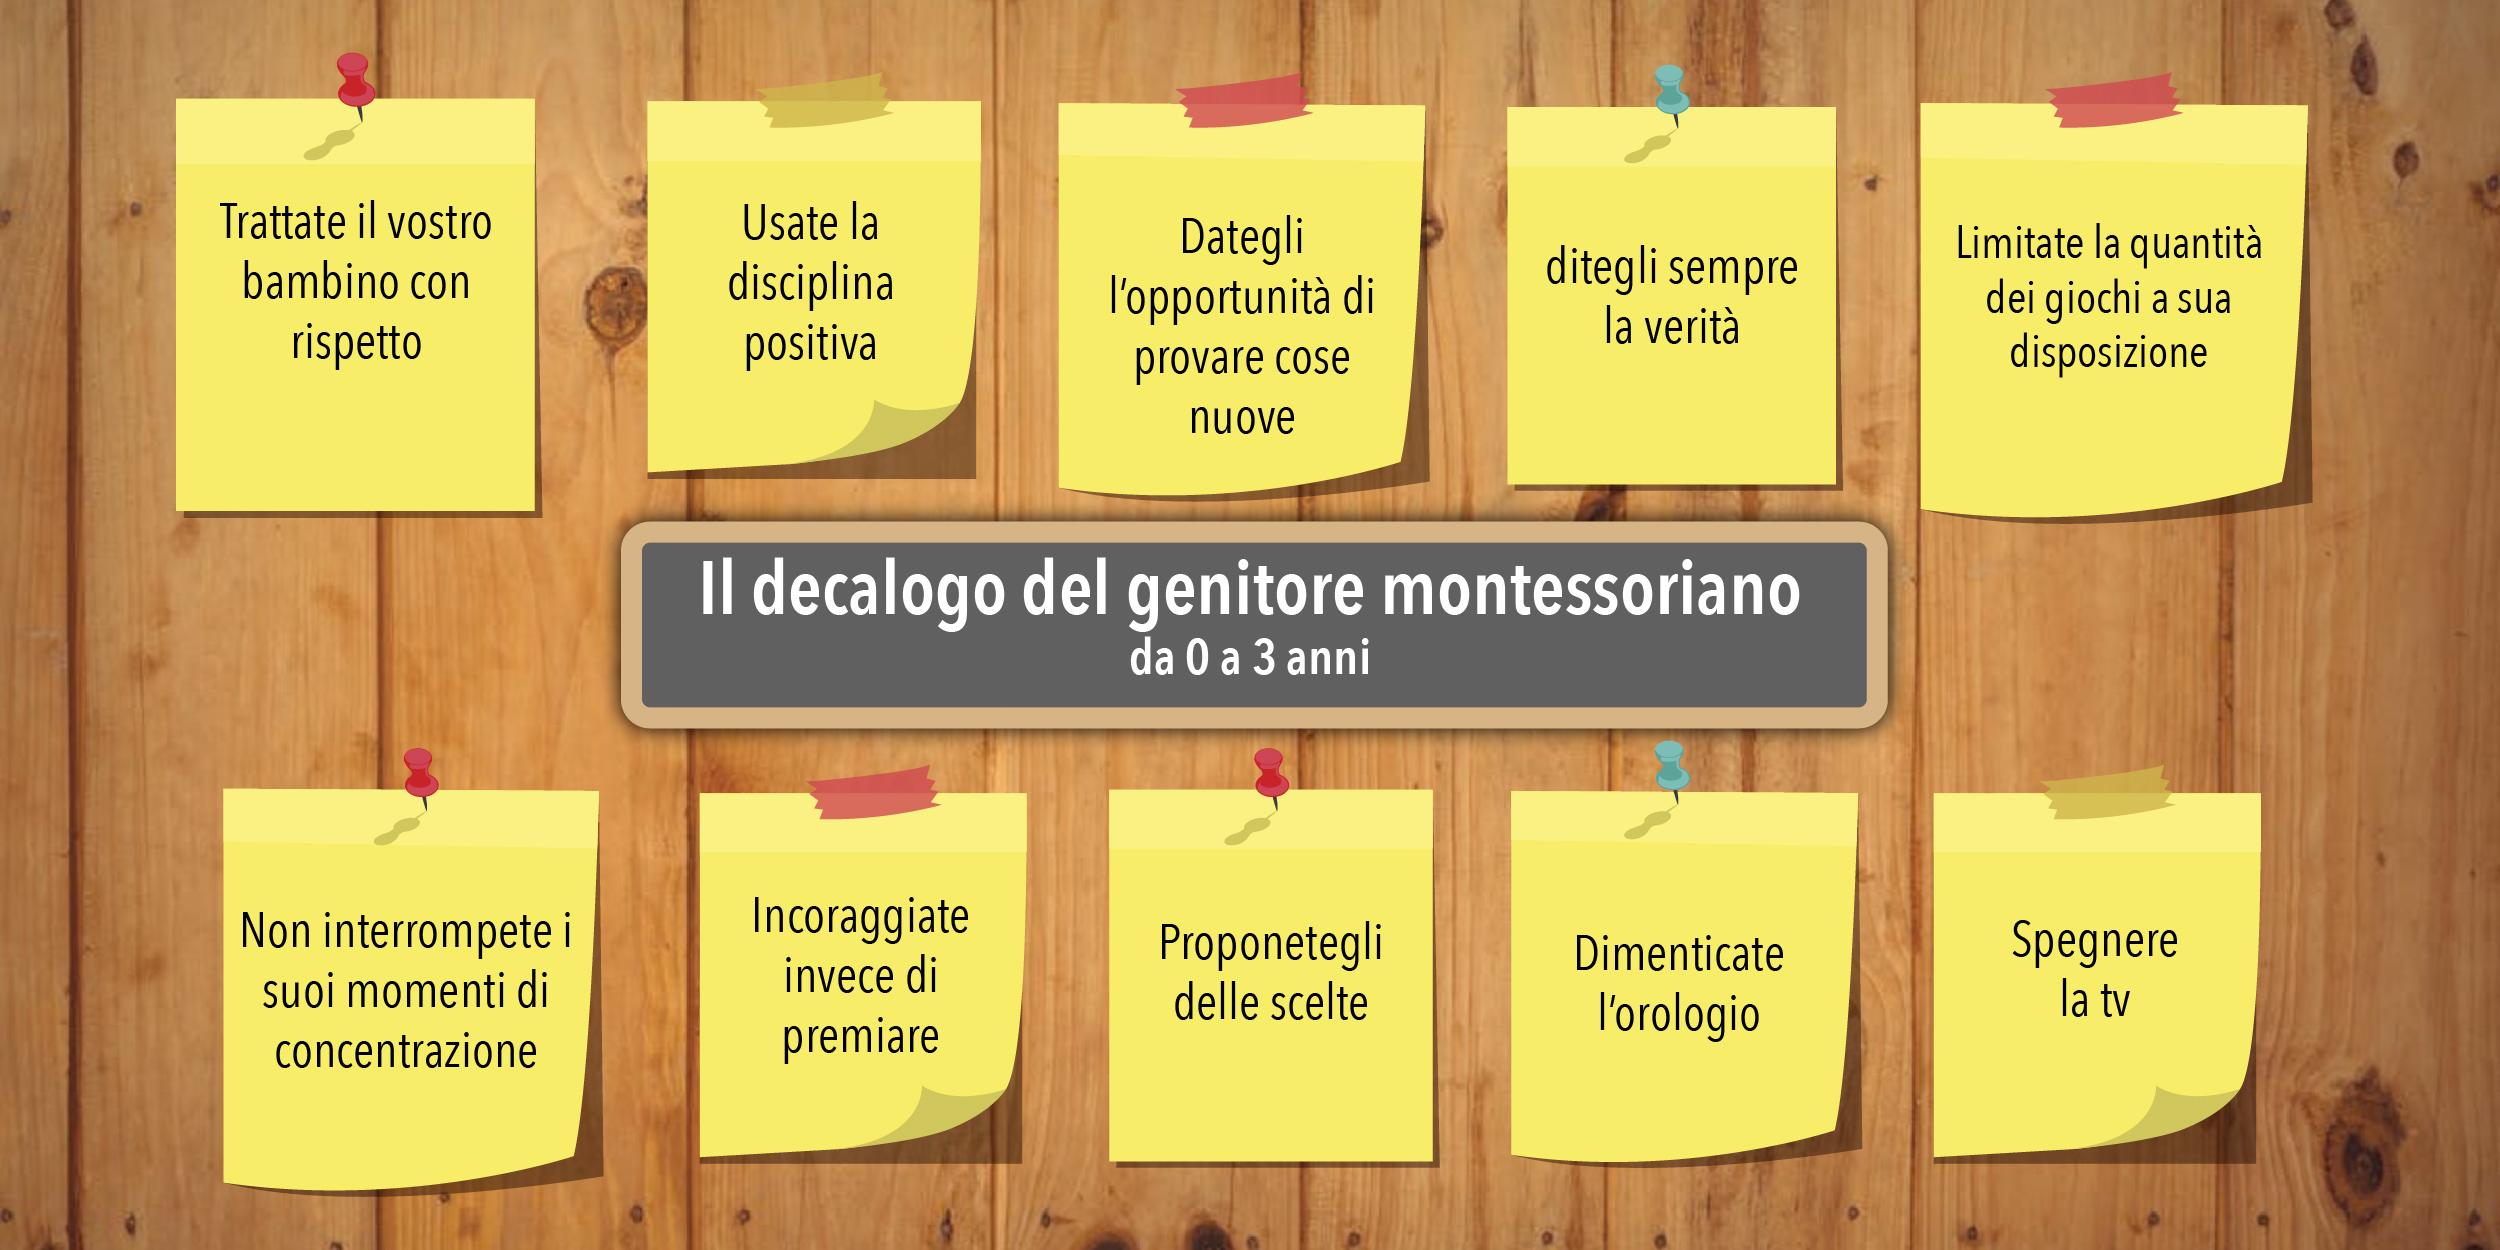 4c5844ab21 Il decalogo del genitore Montessori da 0 a 3 anni